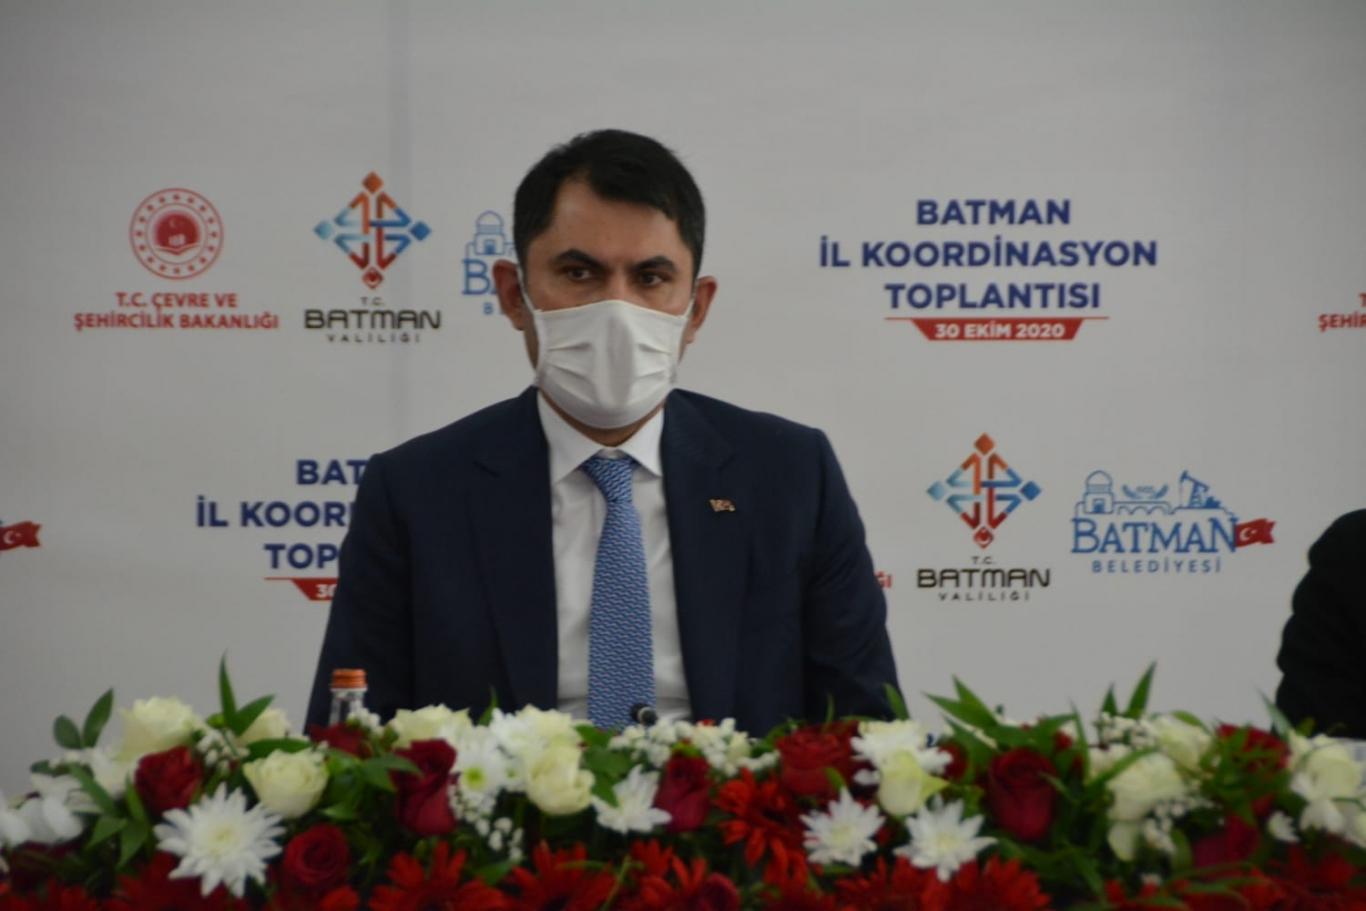 ÇEVRE BAKANI BATMAN'DAYDI